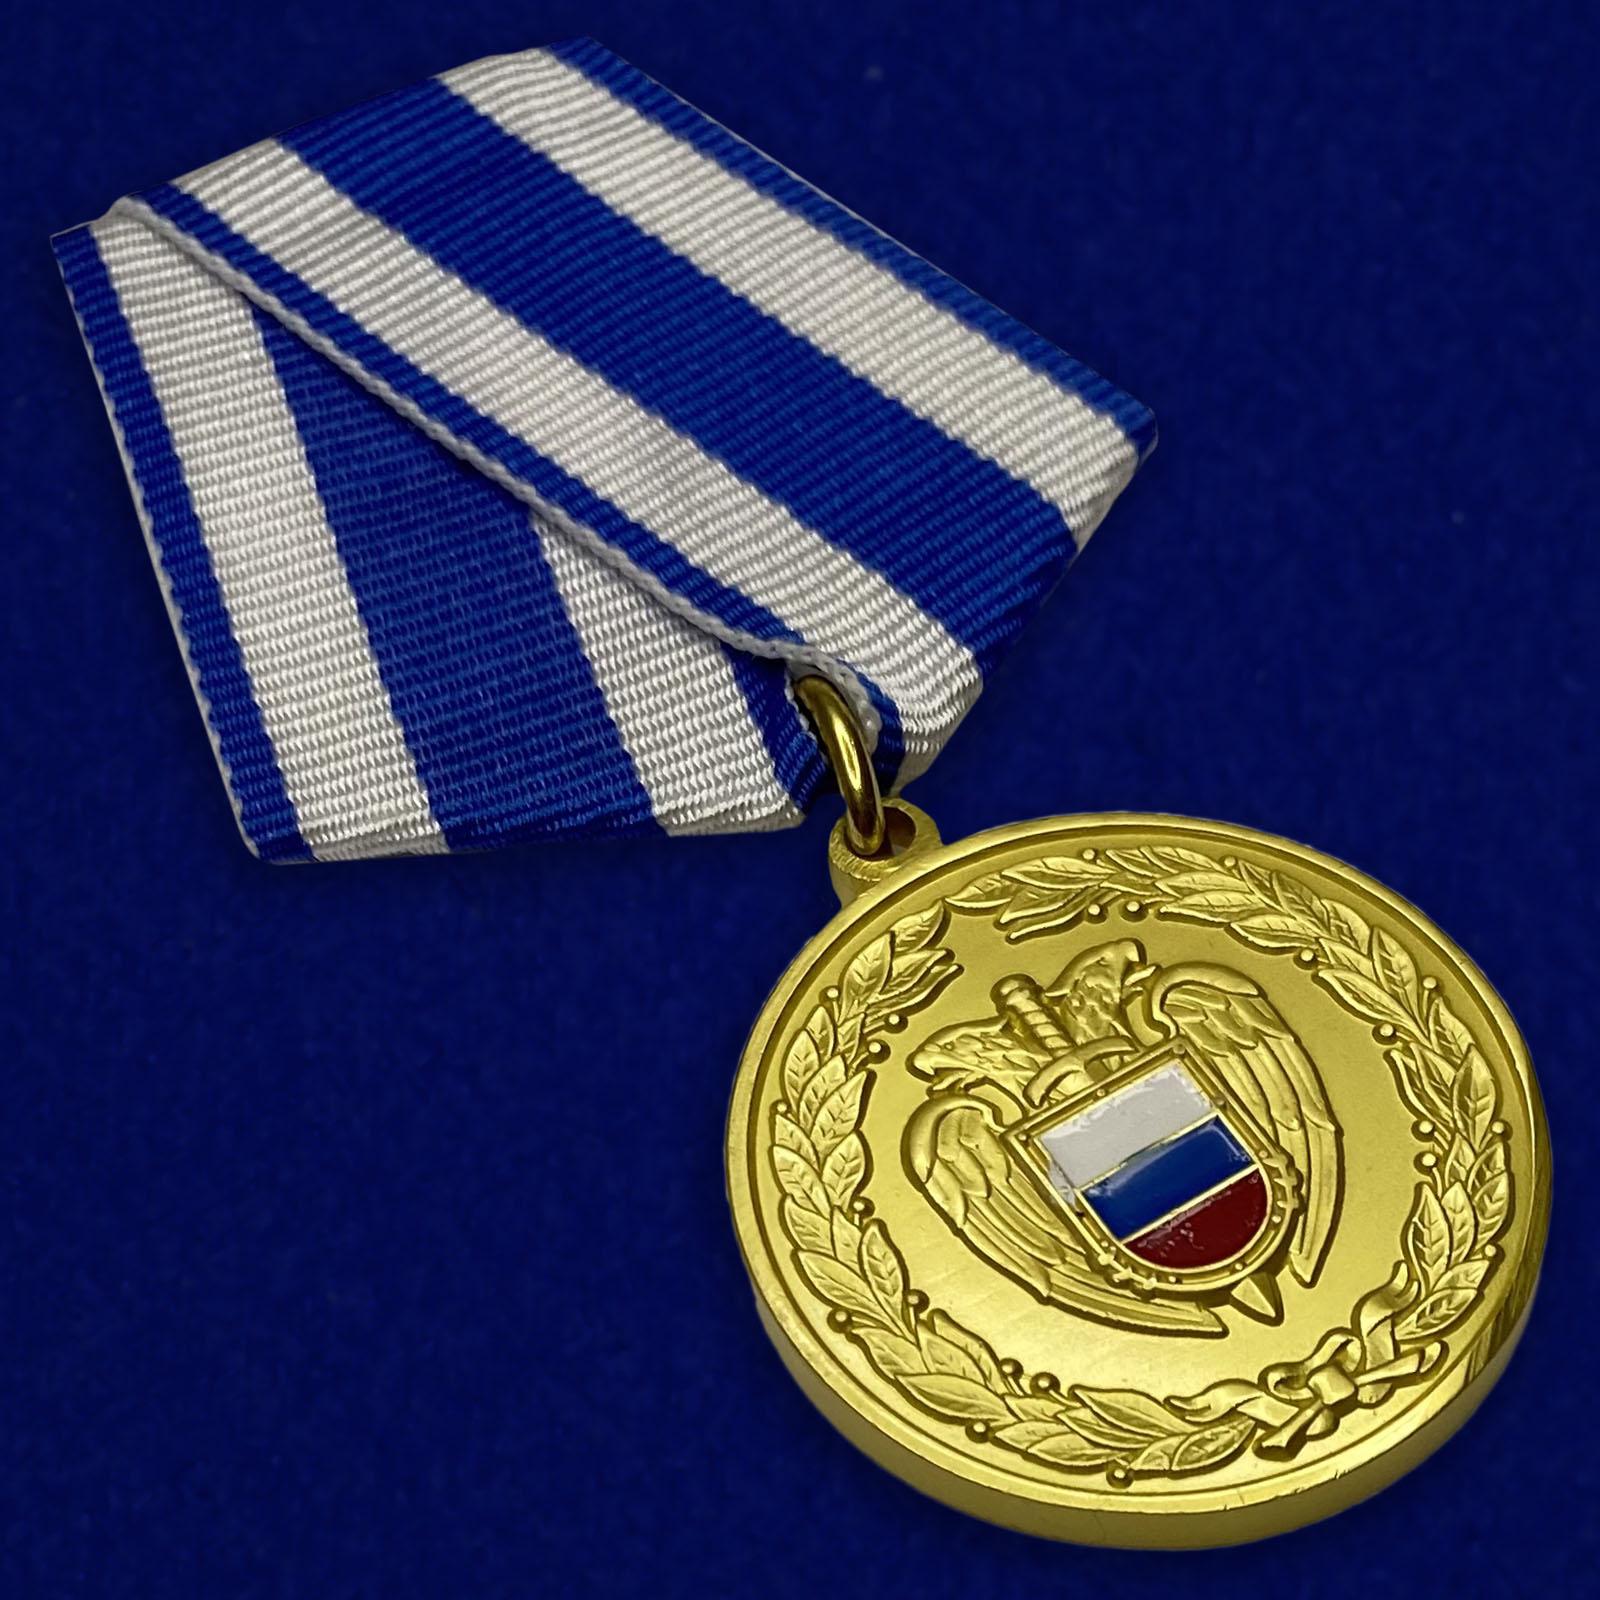 Медаль ФСО РФ За боевое содружество в бархатном футляре - Общий вид